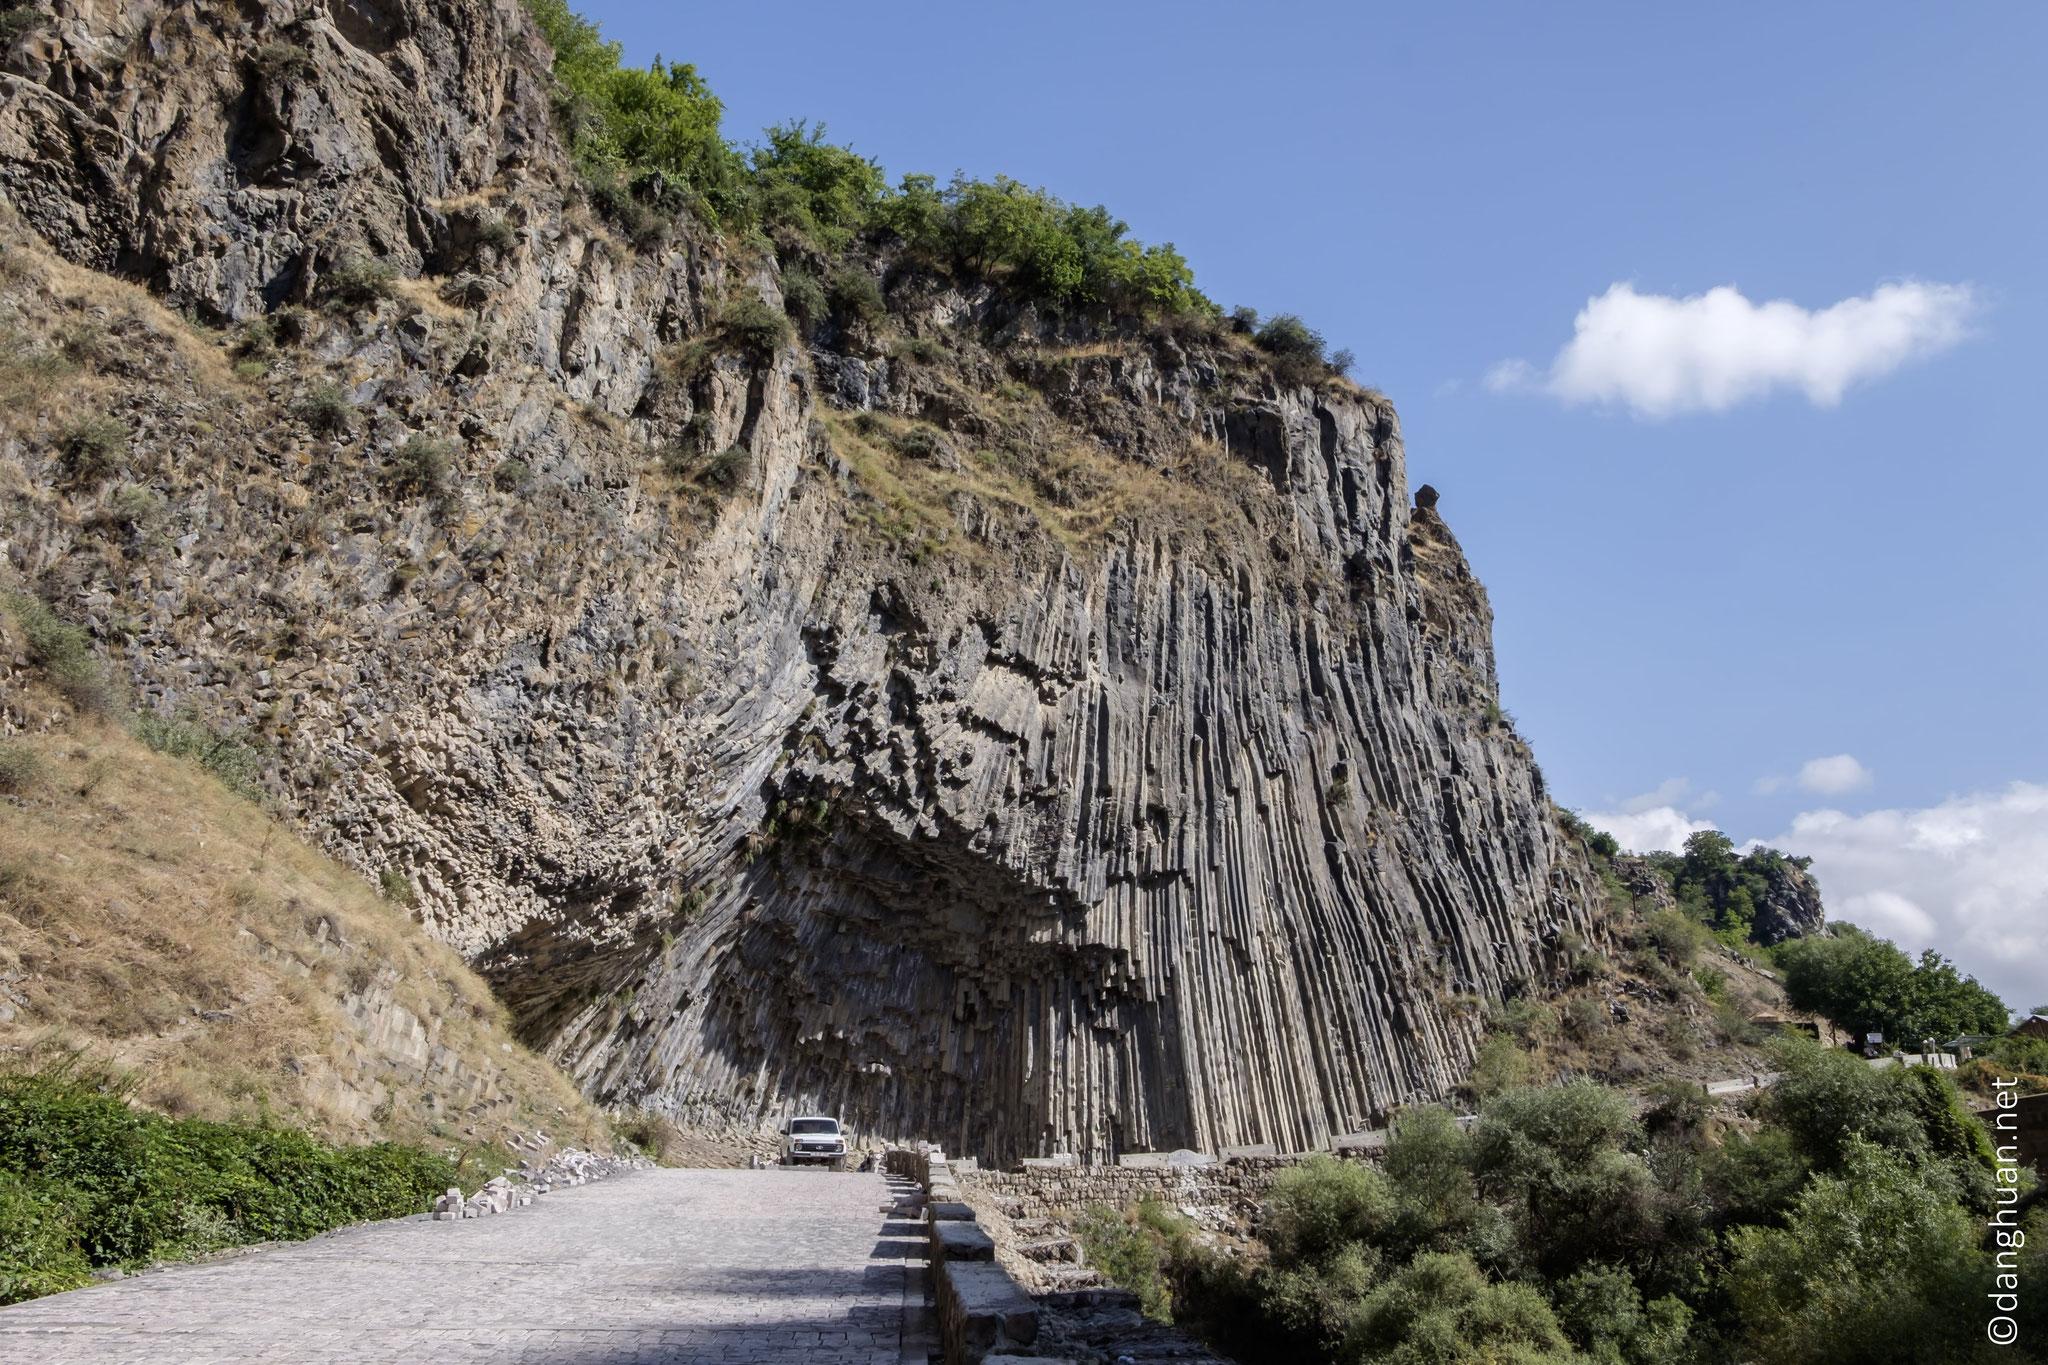 Randonnée dans la gorge de Garni pour atteintre le site de Garni par la vallée d'Azad